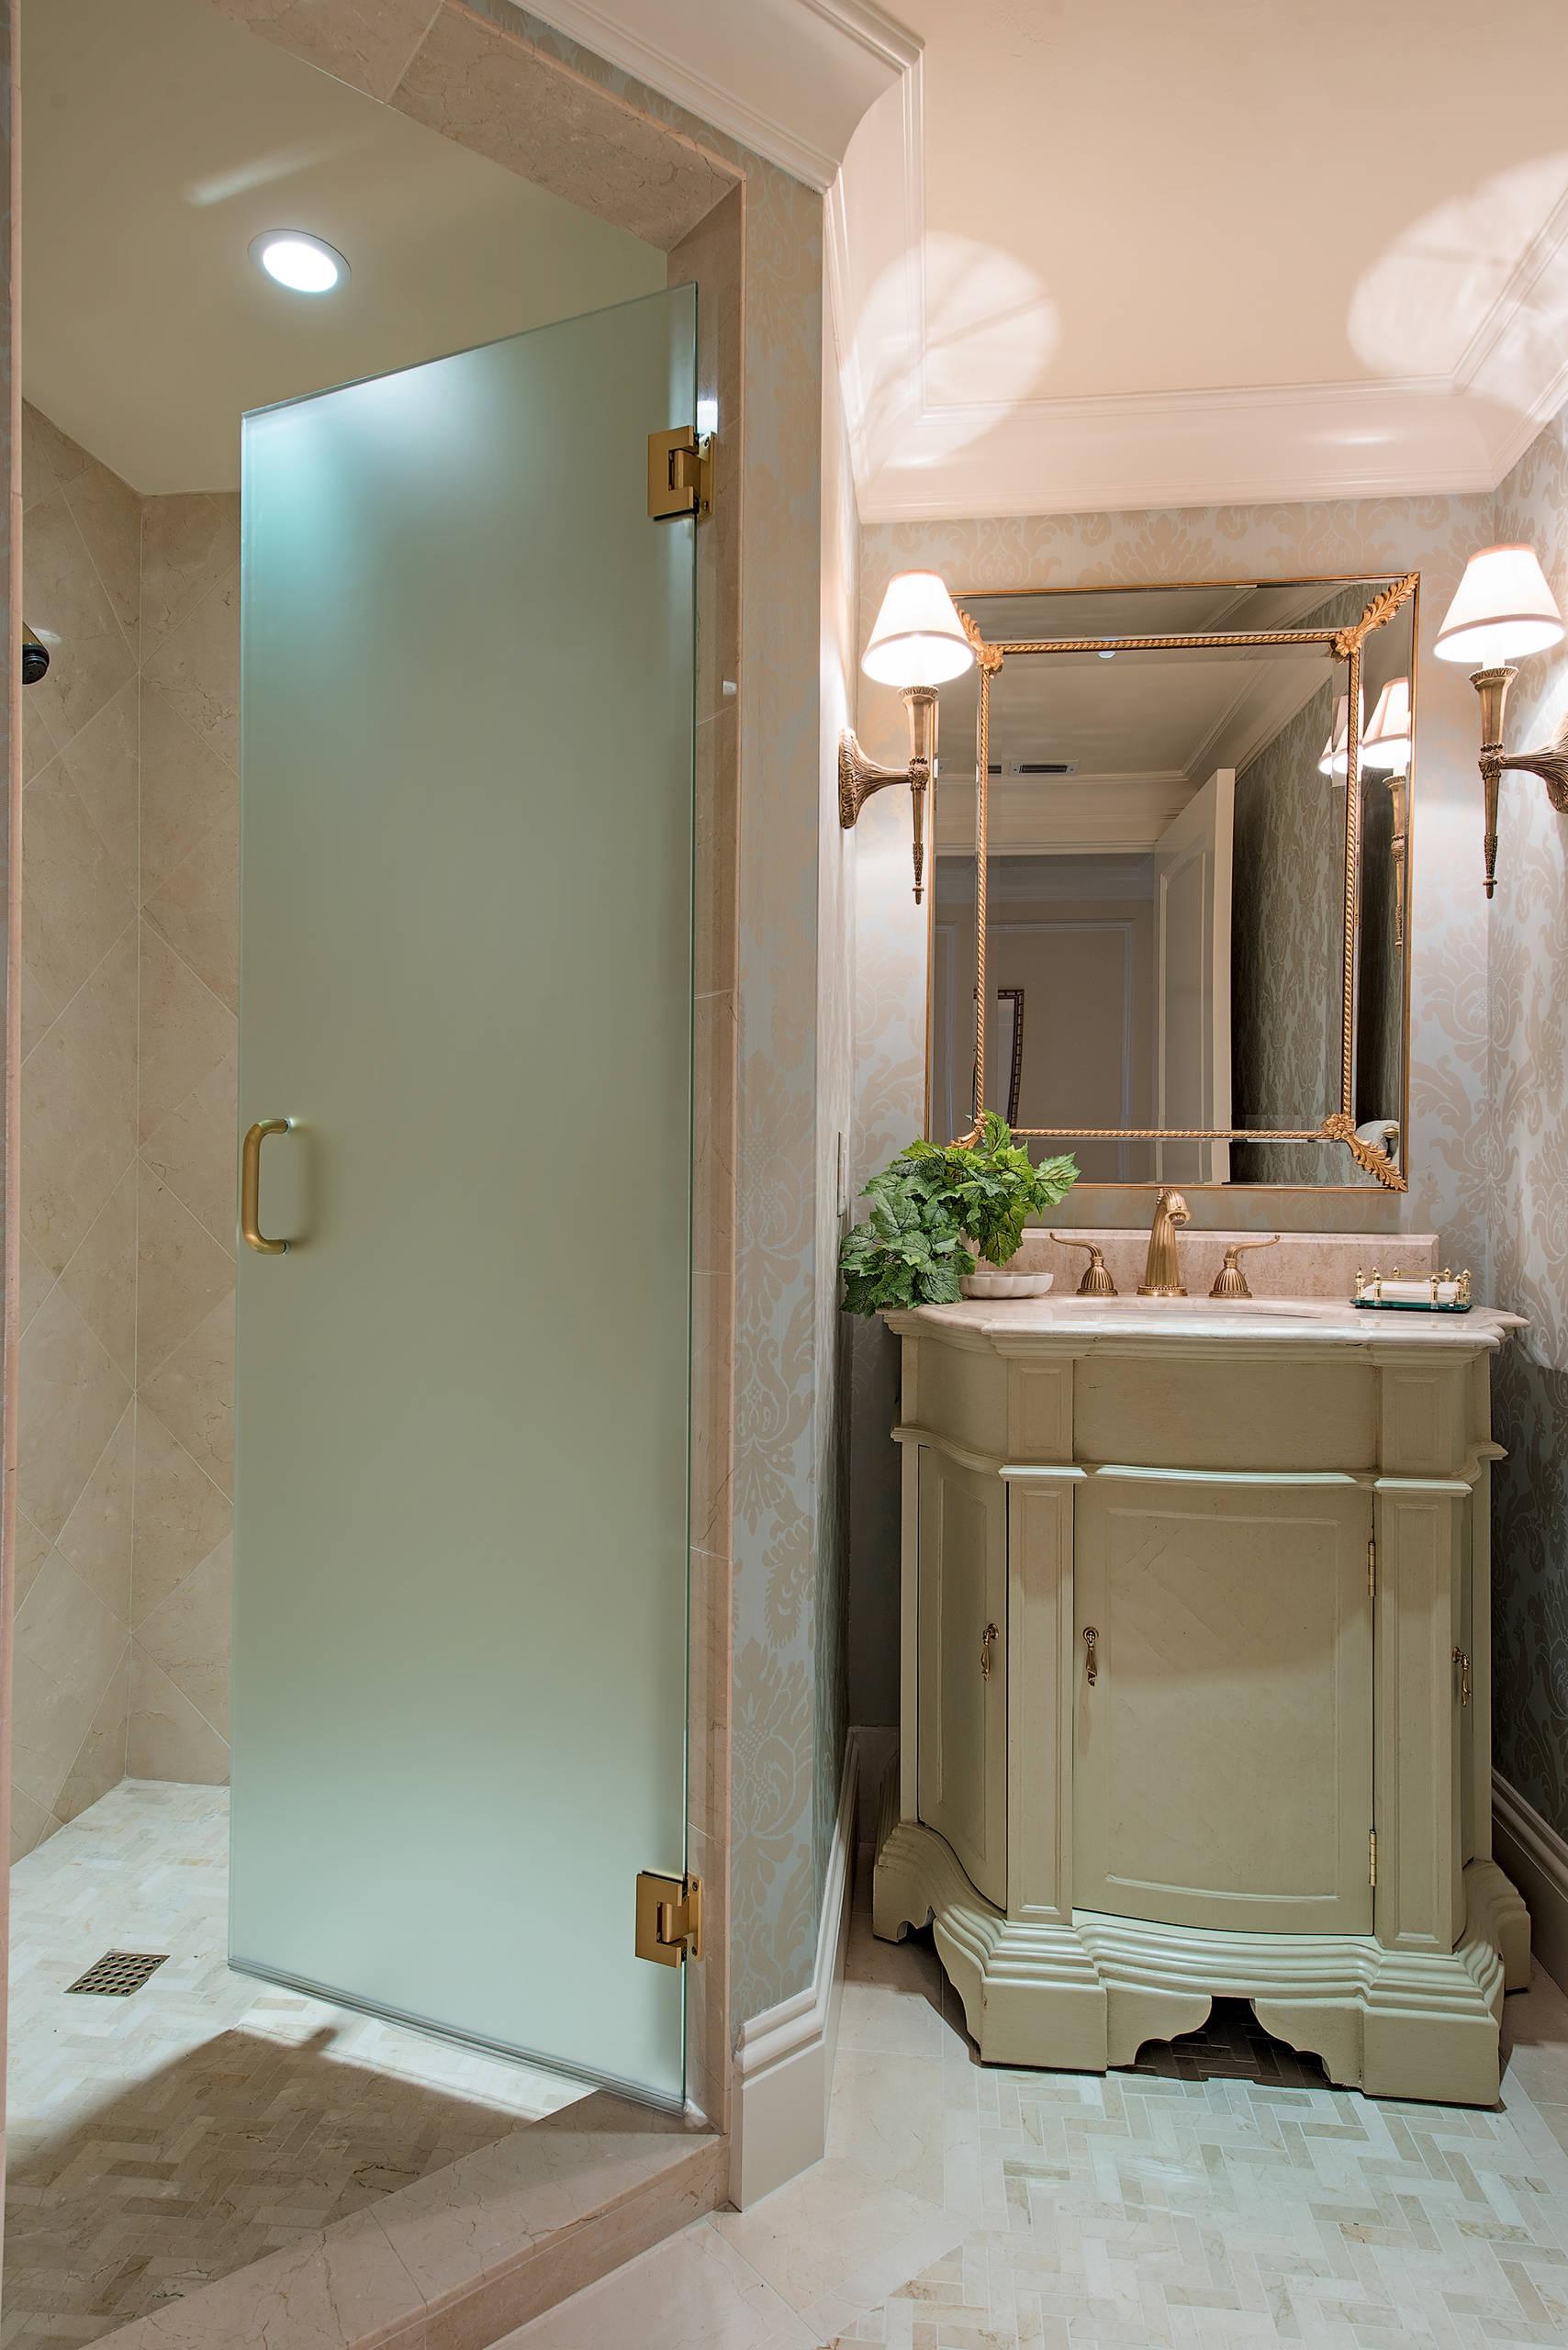 Certified Luxury Builders - 41 West - Naples - Cap Ferrat Condo Remodel